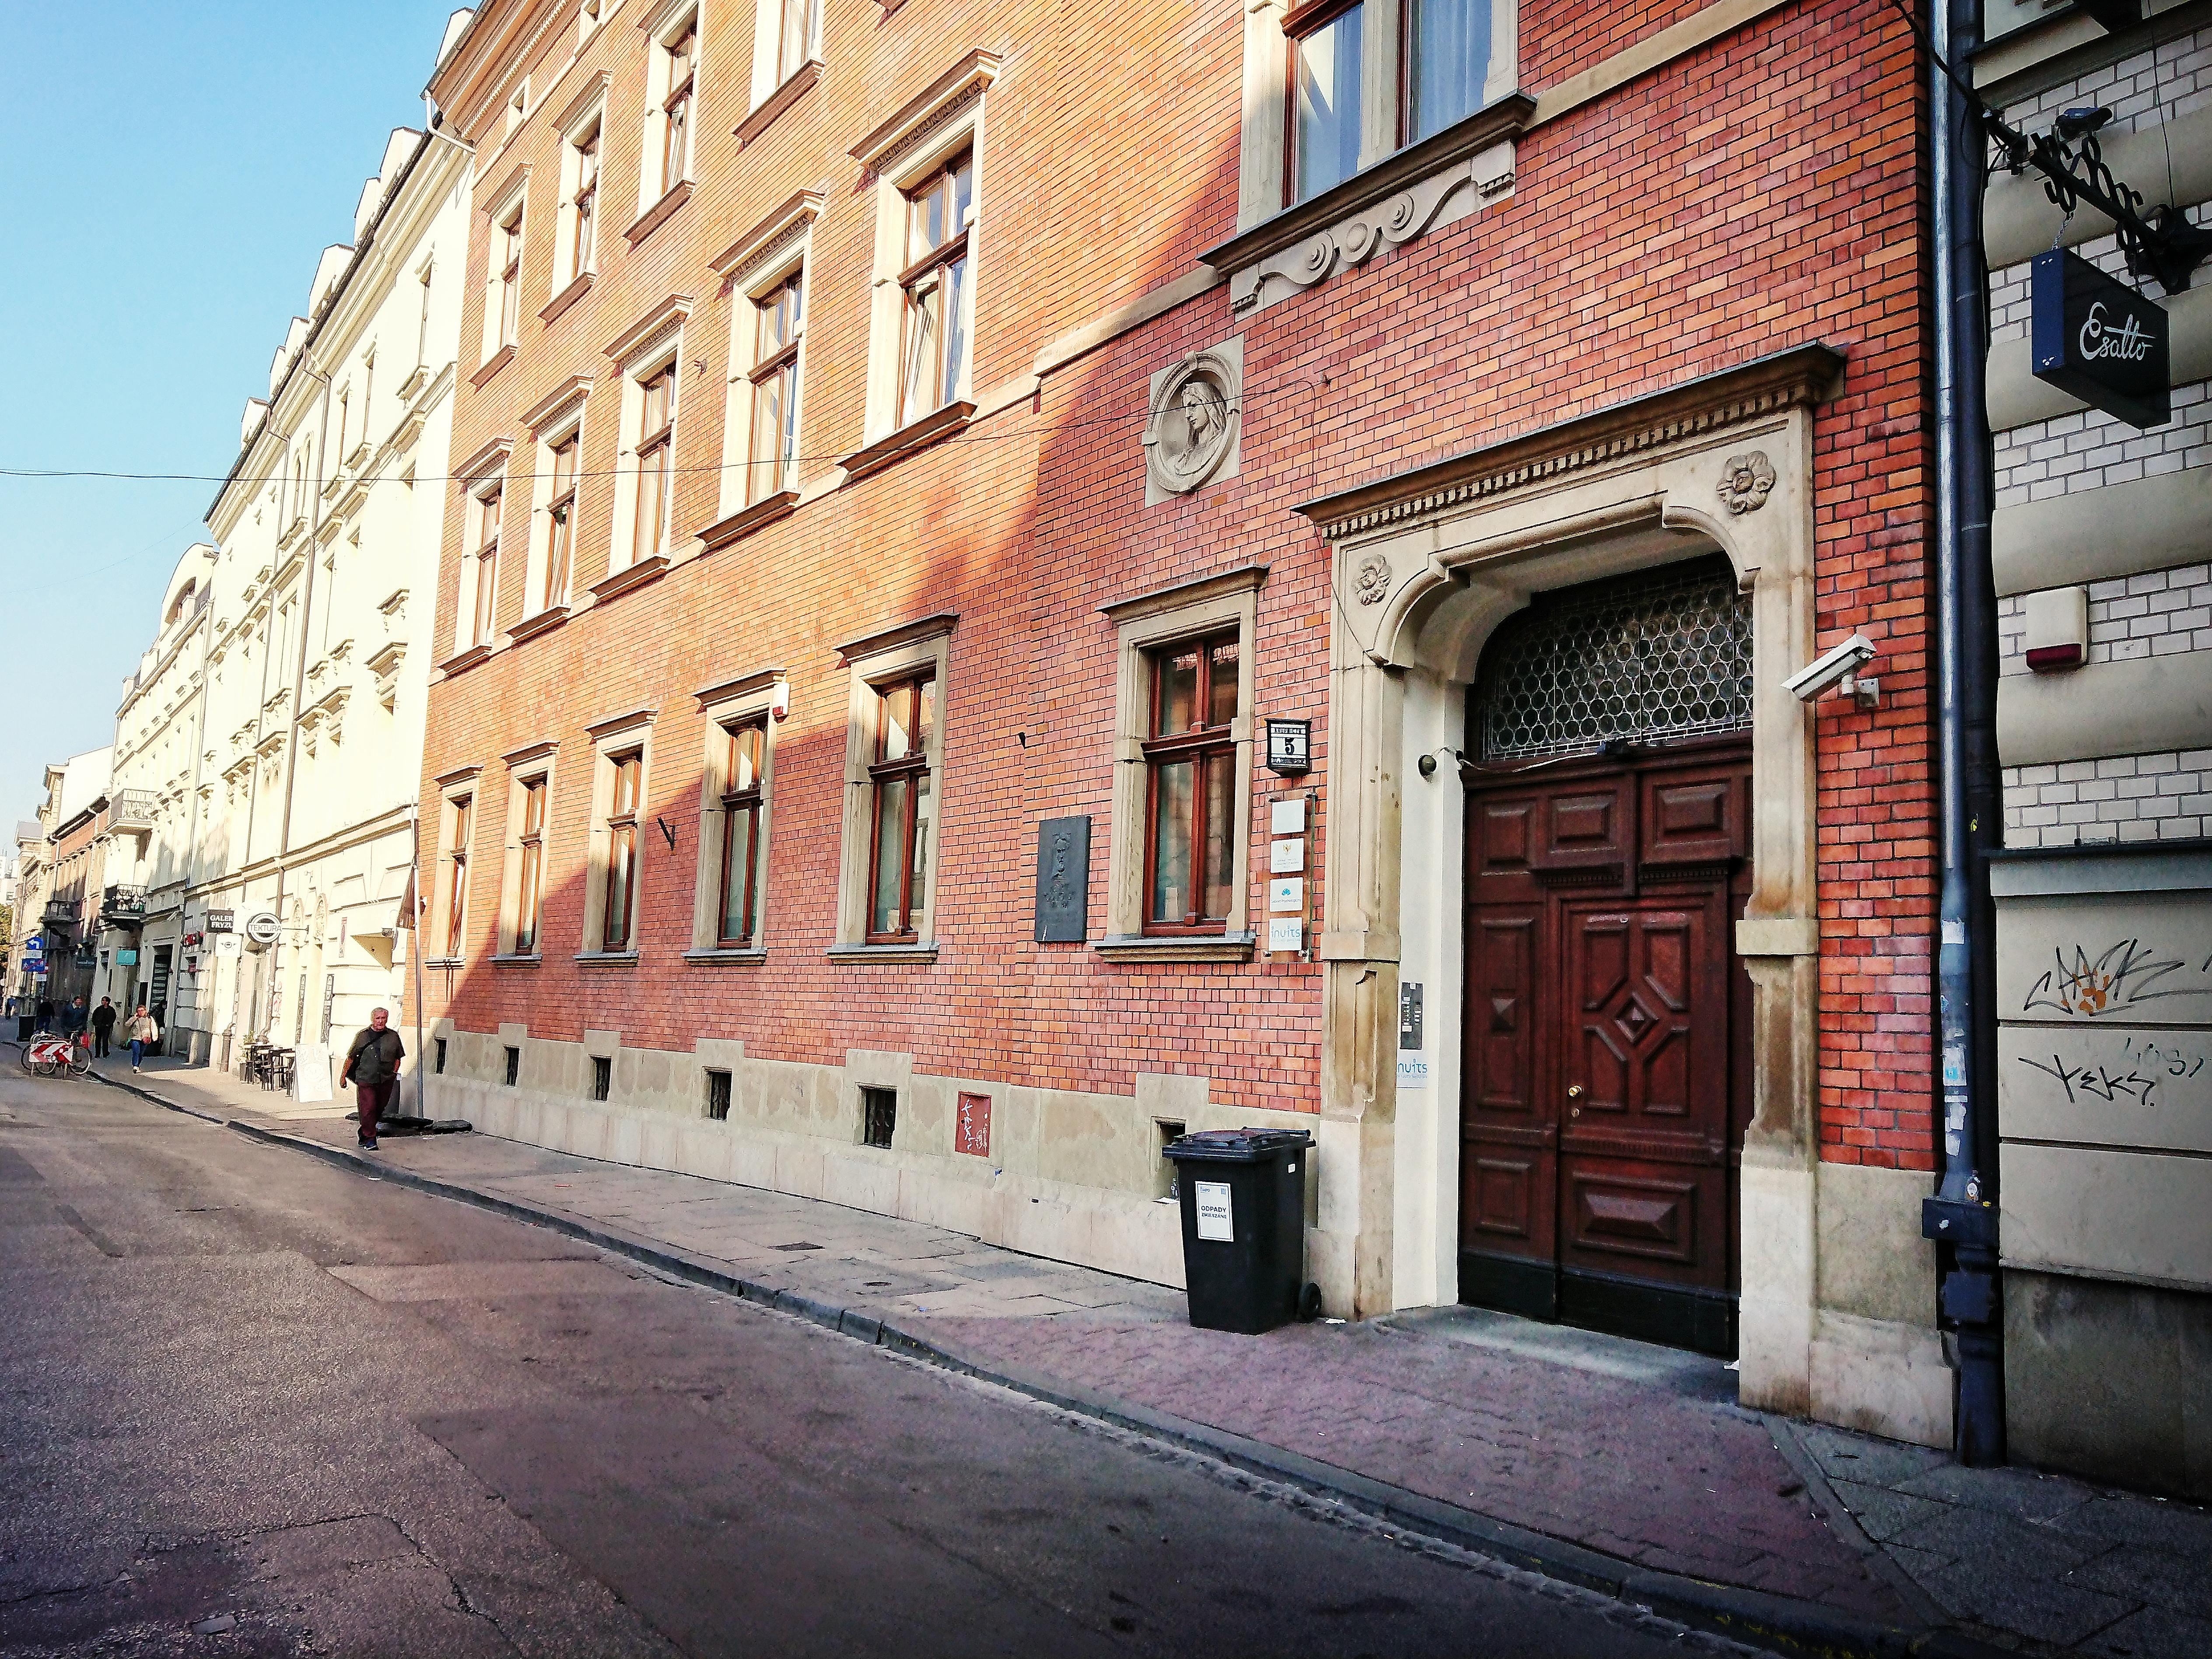 Obecny wygląd zabudowy przy ul. Krupniczej 5, źródło: archiwum autorki